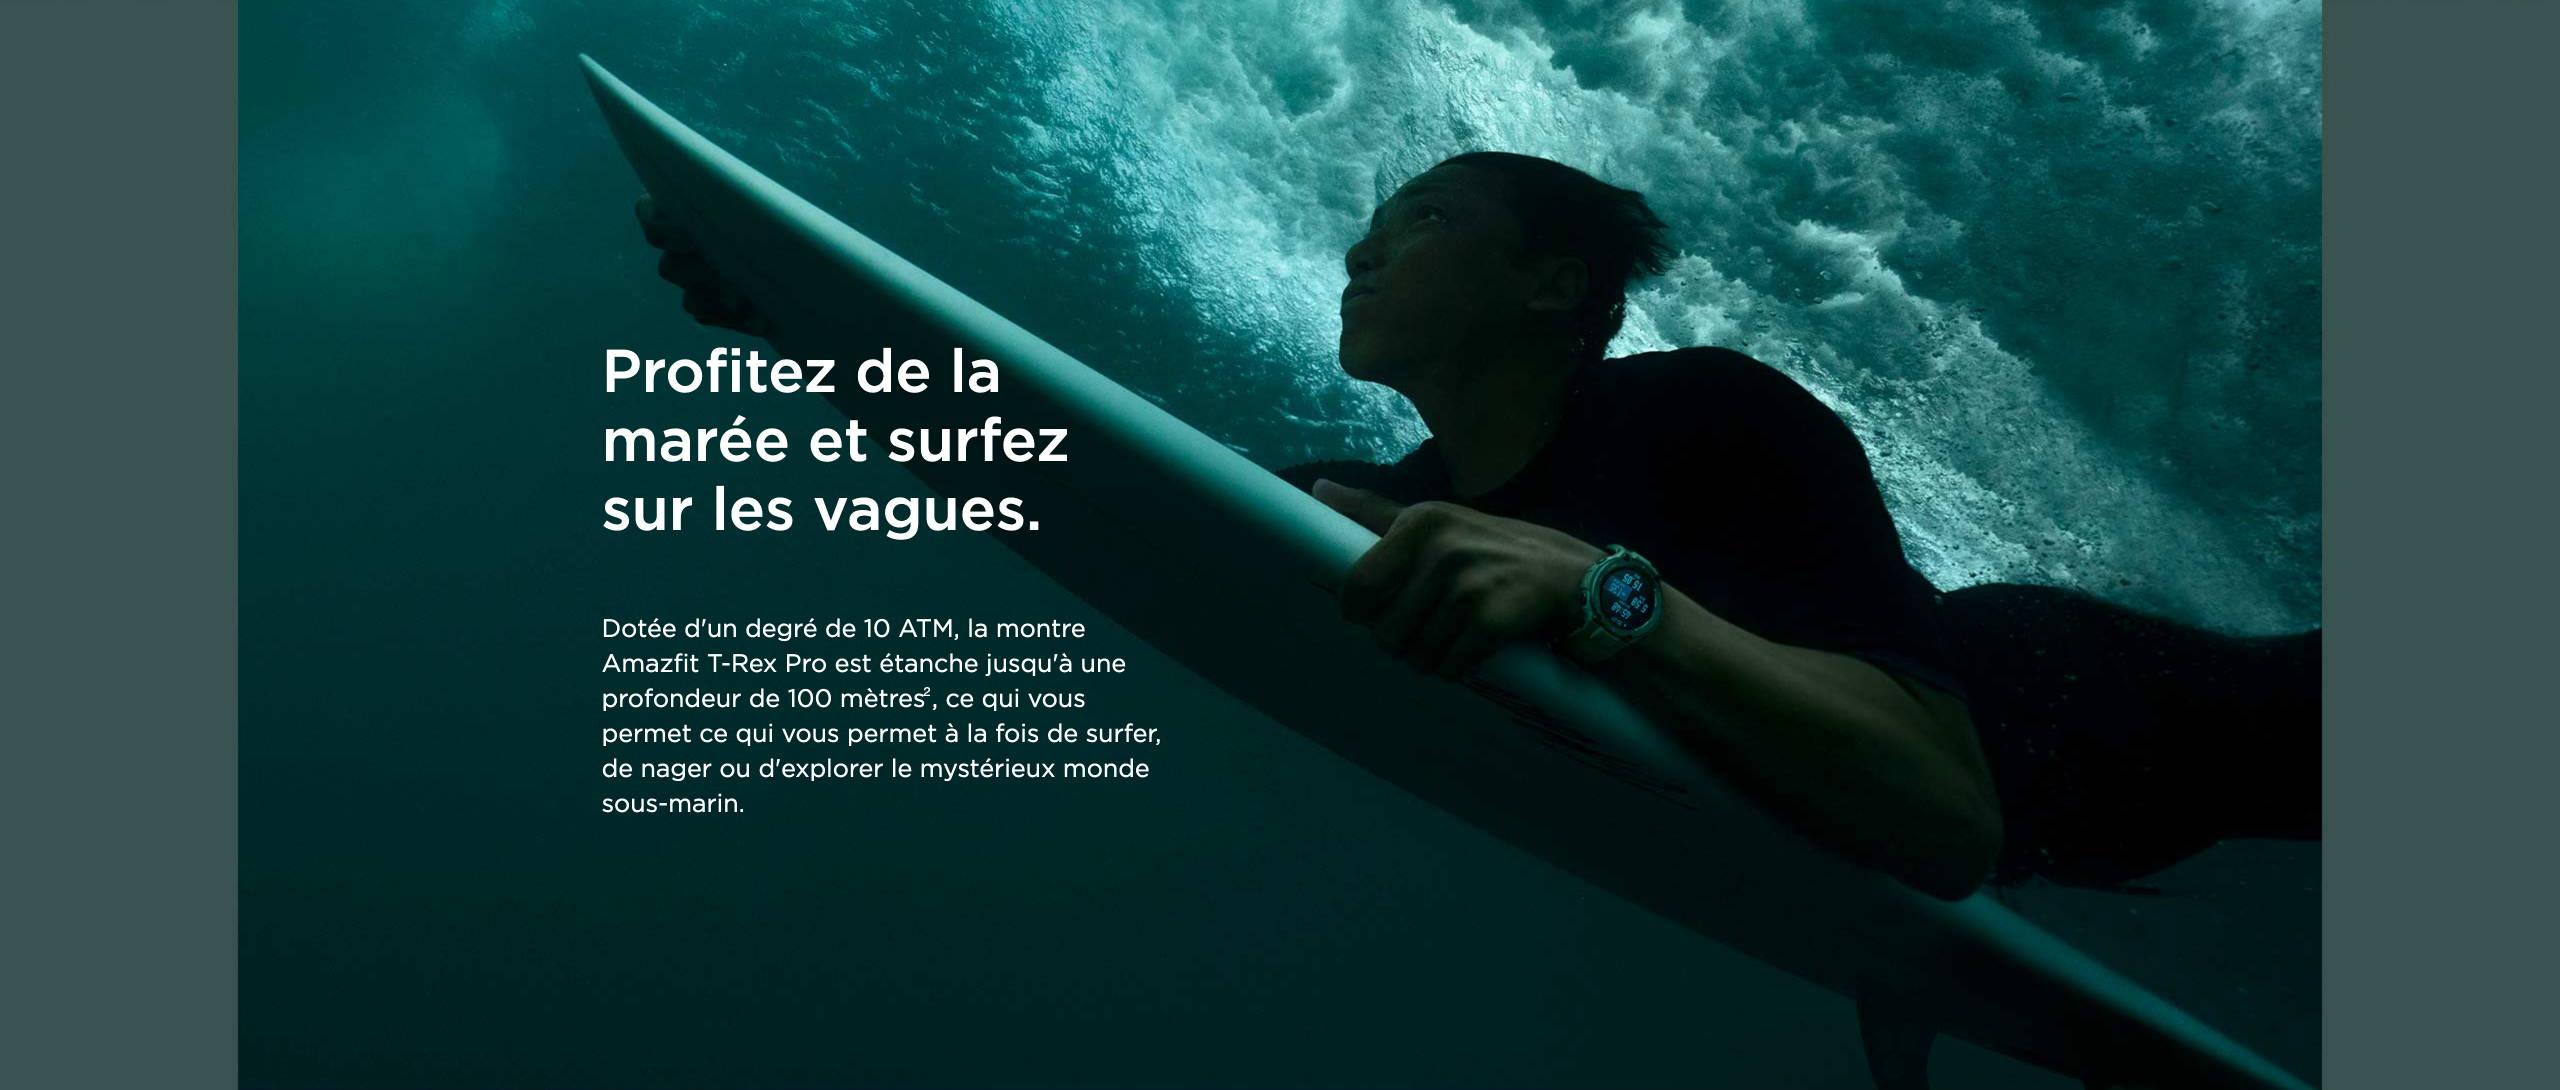 Amazfit T-Rex Pro - Profitez de la marée et surfez sur les vagues.